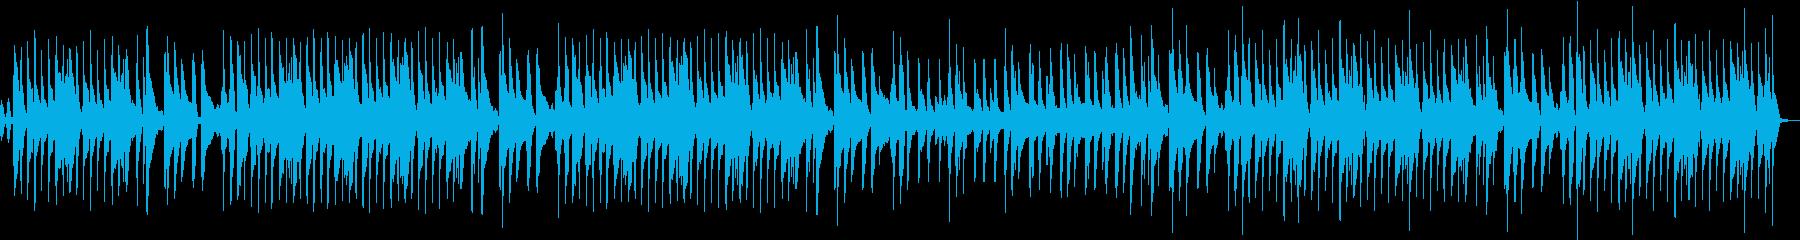 W.BassとPfのDarkなJazzの再生済みの波形